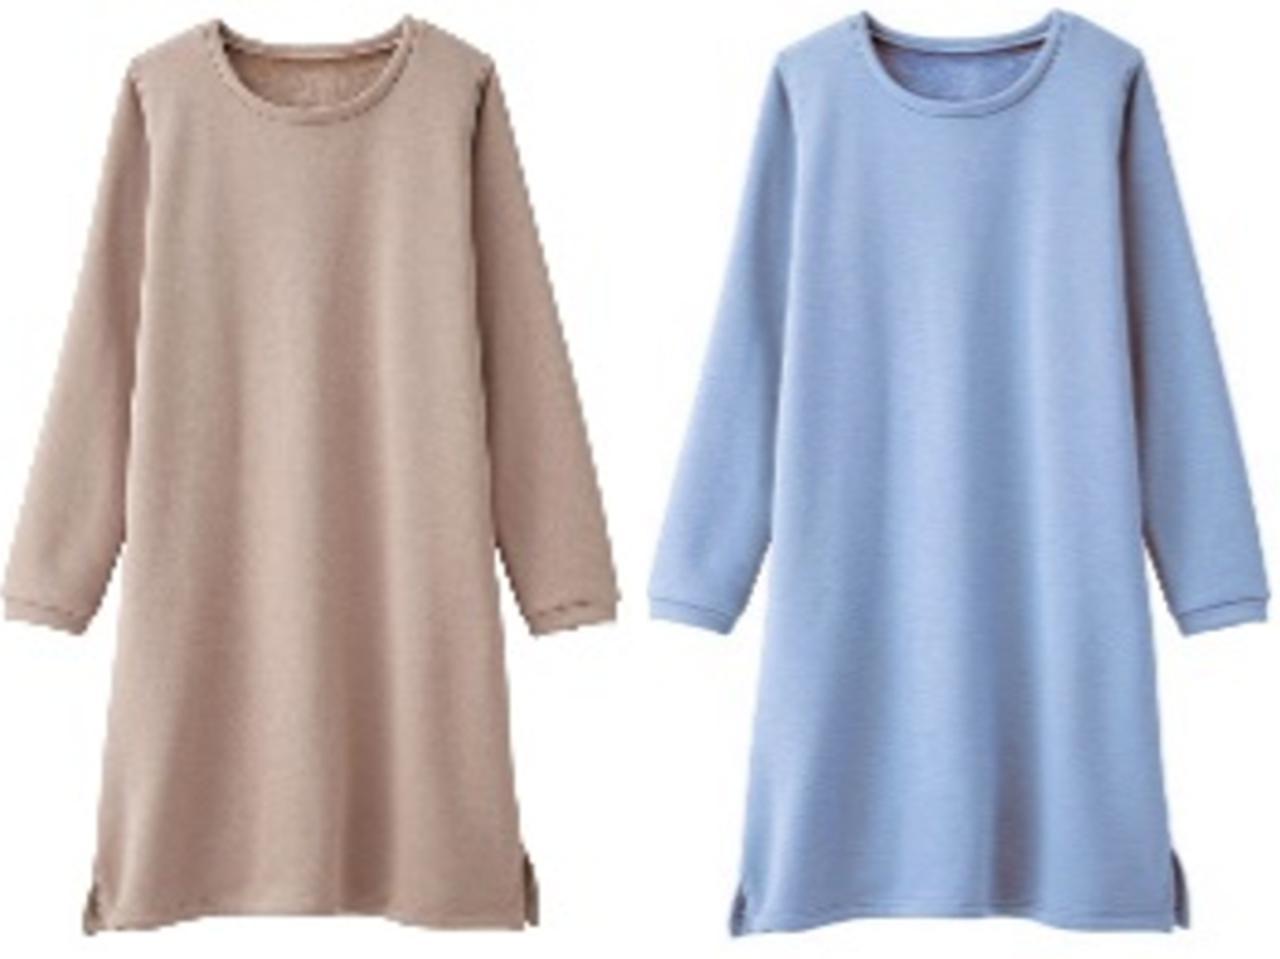 画像7: ファッション性と実用性を両立!これからの季節を快適に過ごせる!